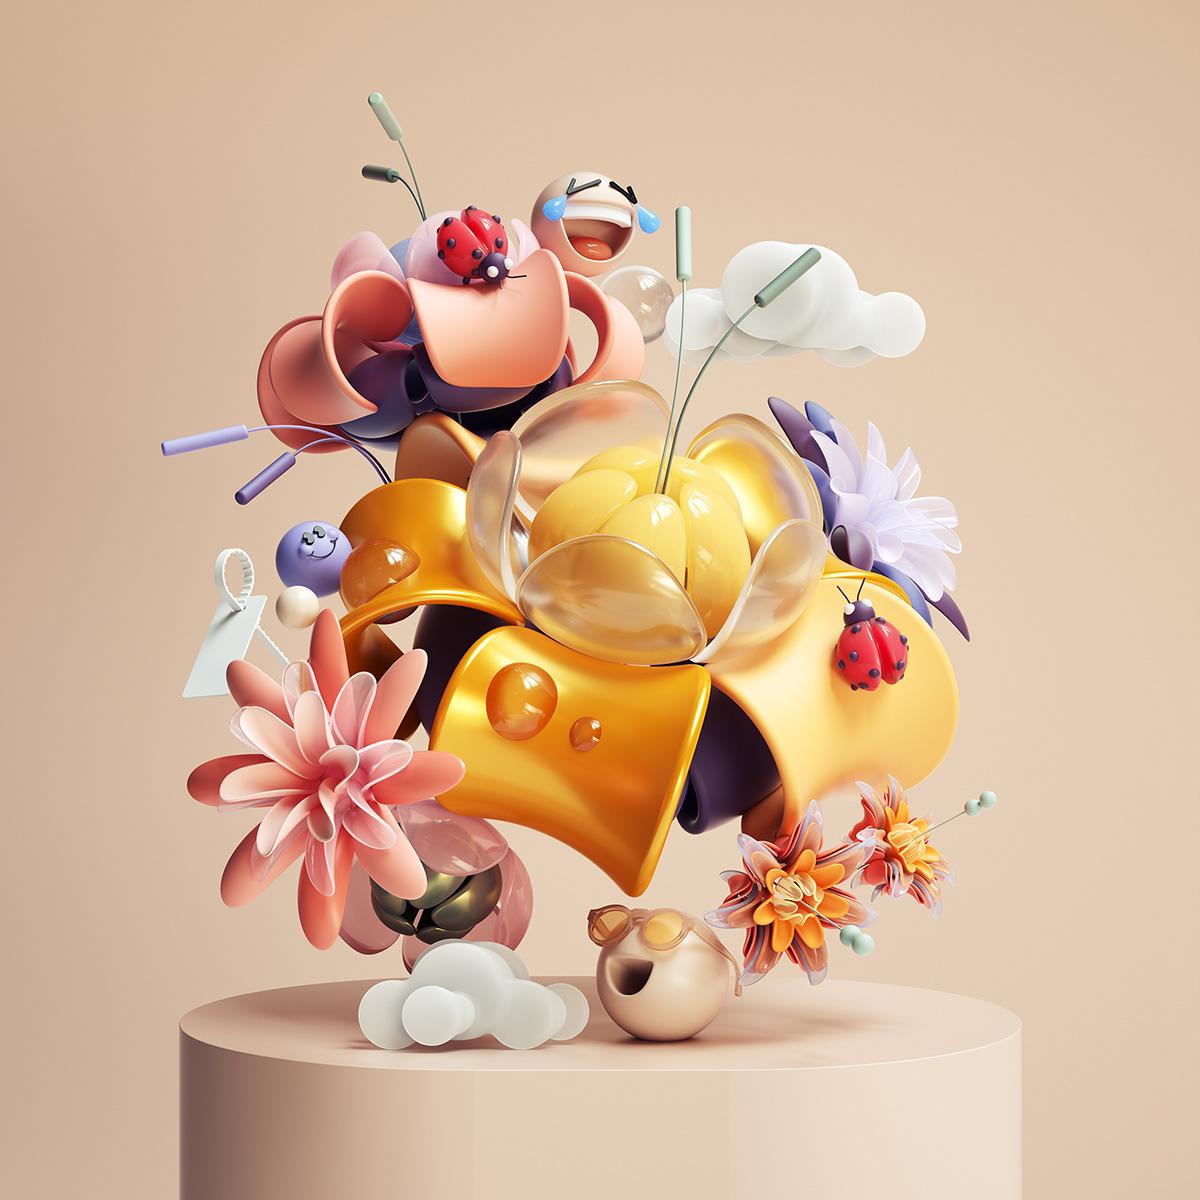 3D Floral Compositions